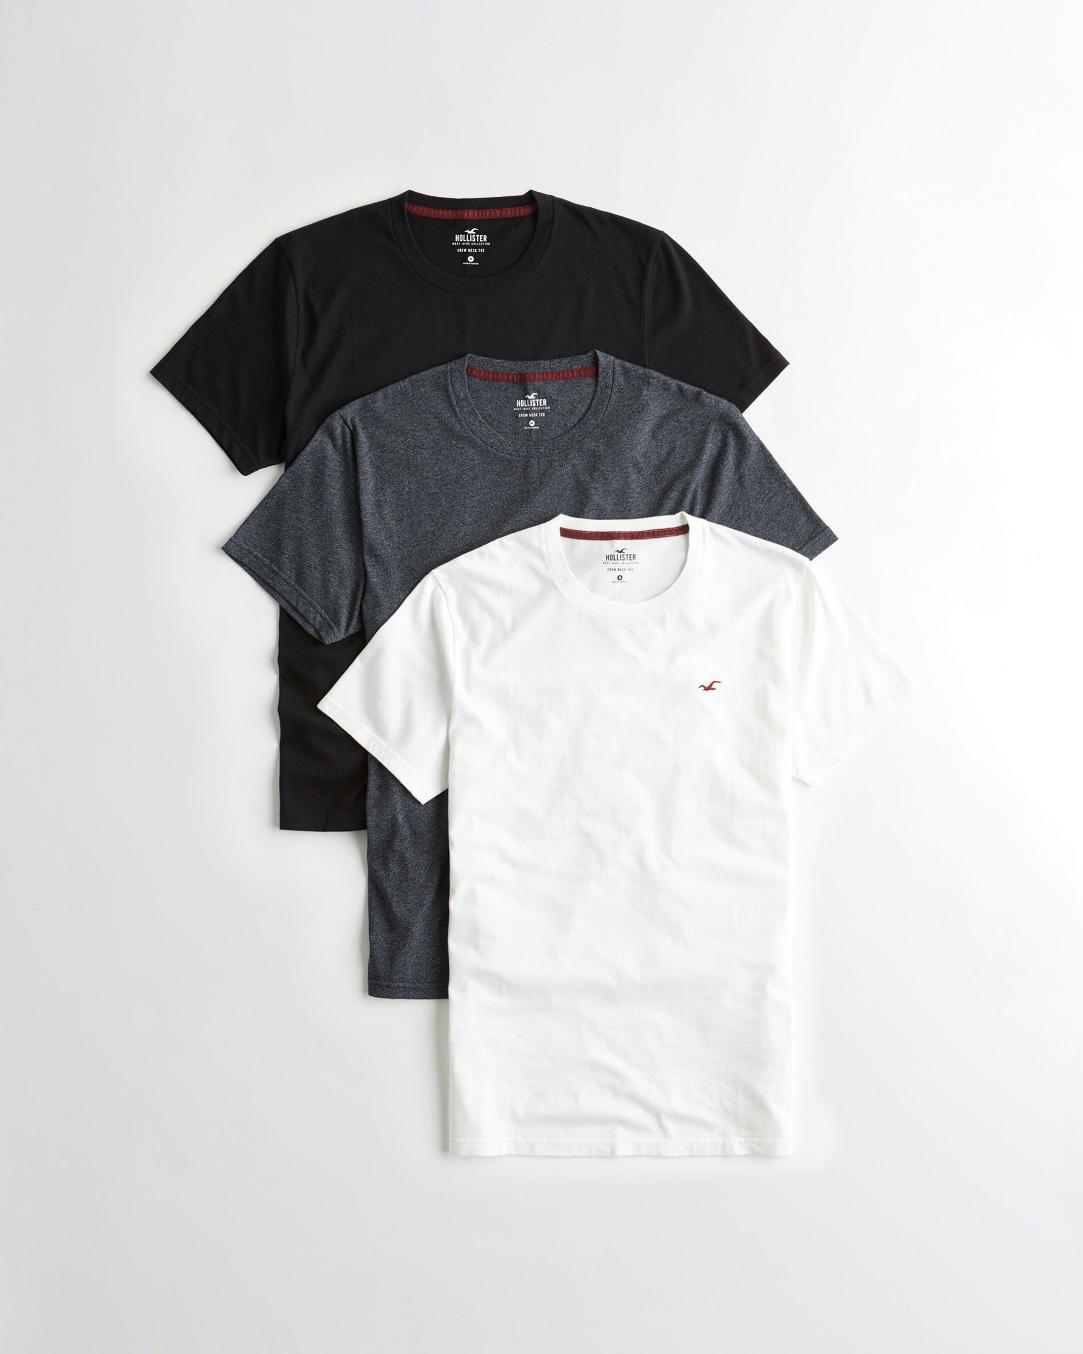 Hollister basic póló szett - környakú (L) - Men s Shop webshop 222ebab327